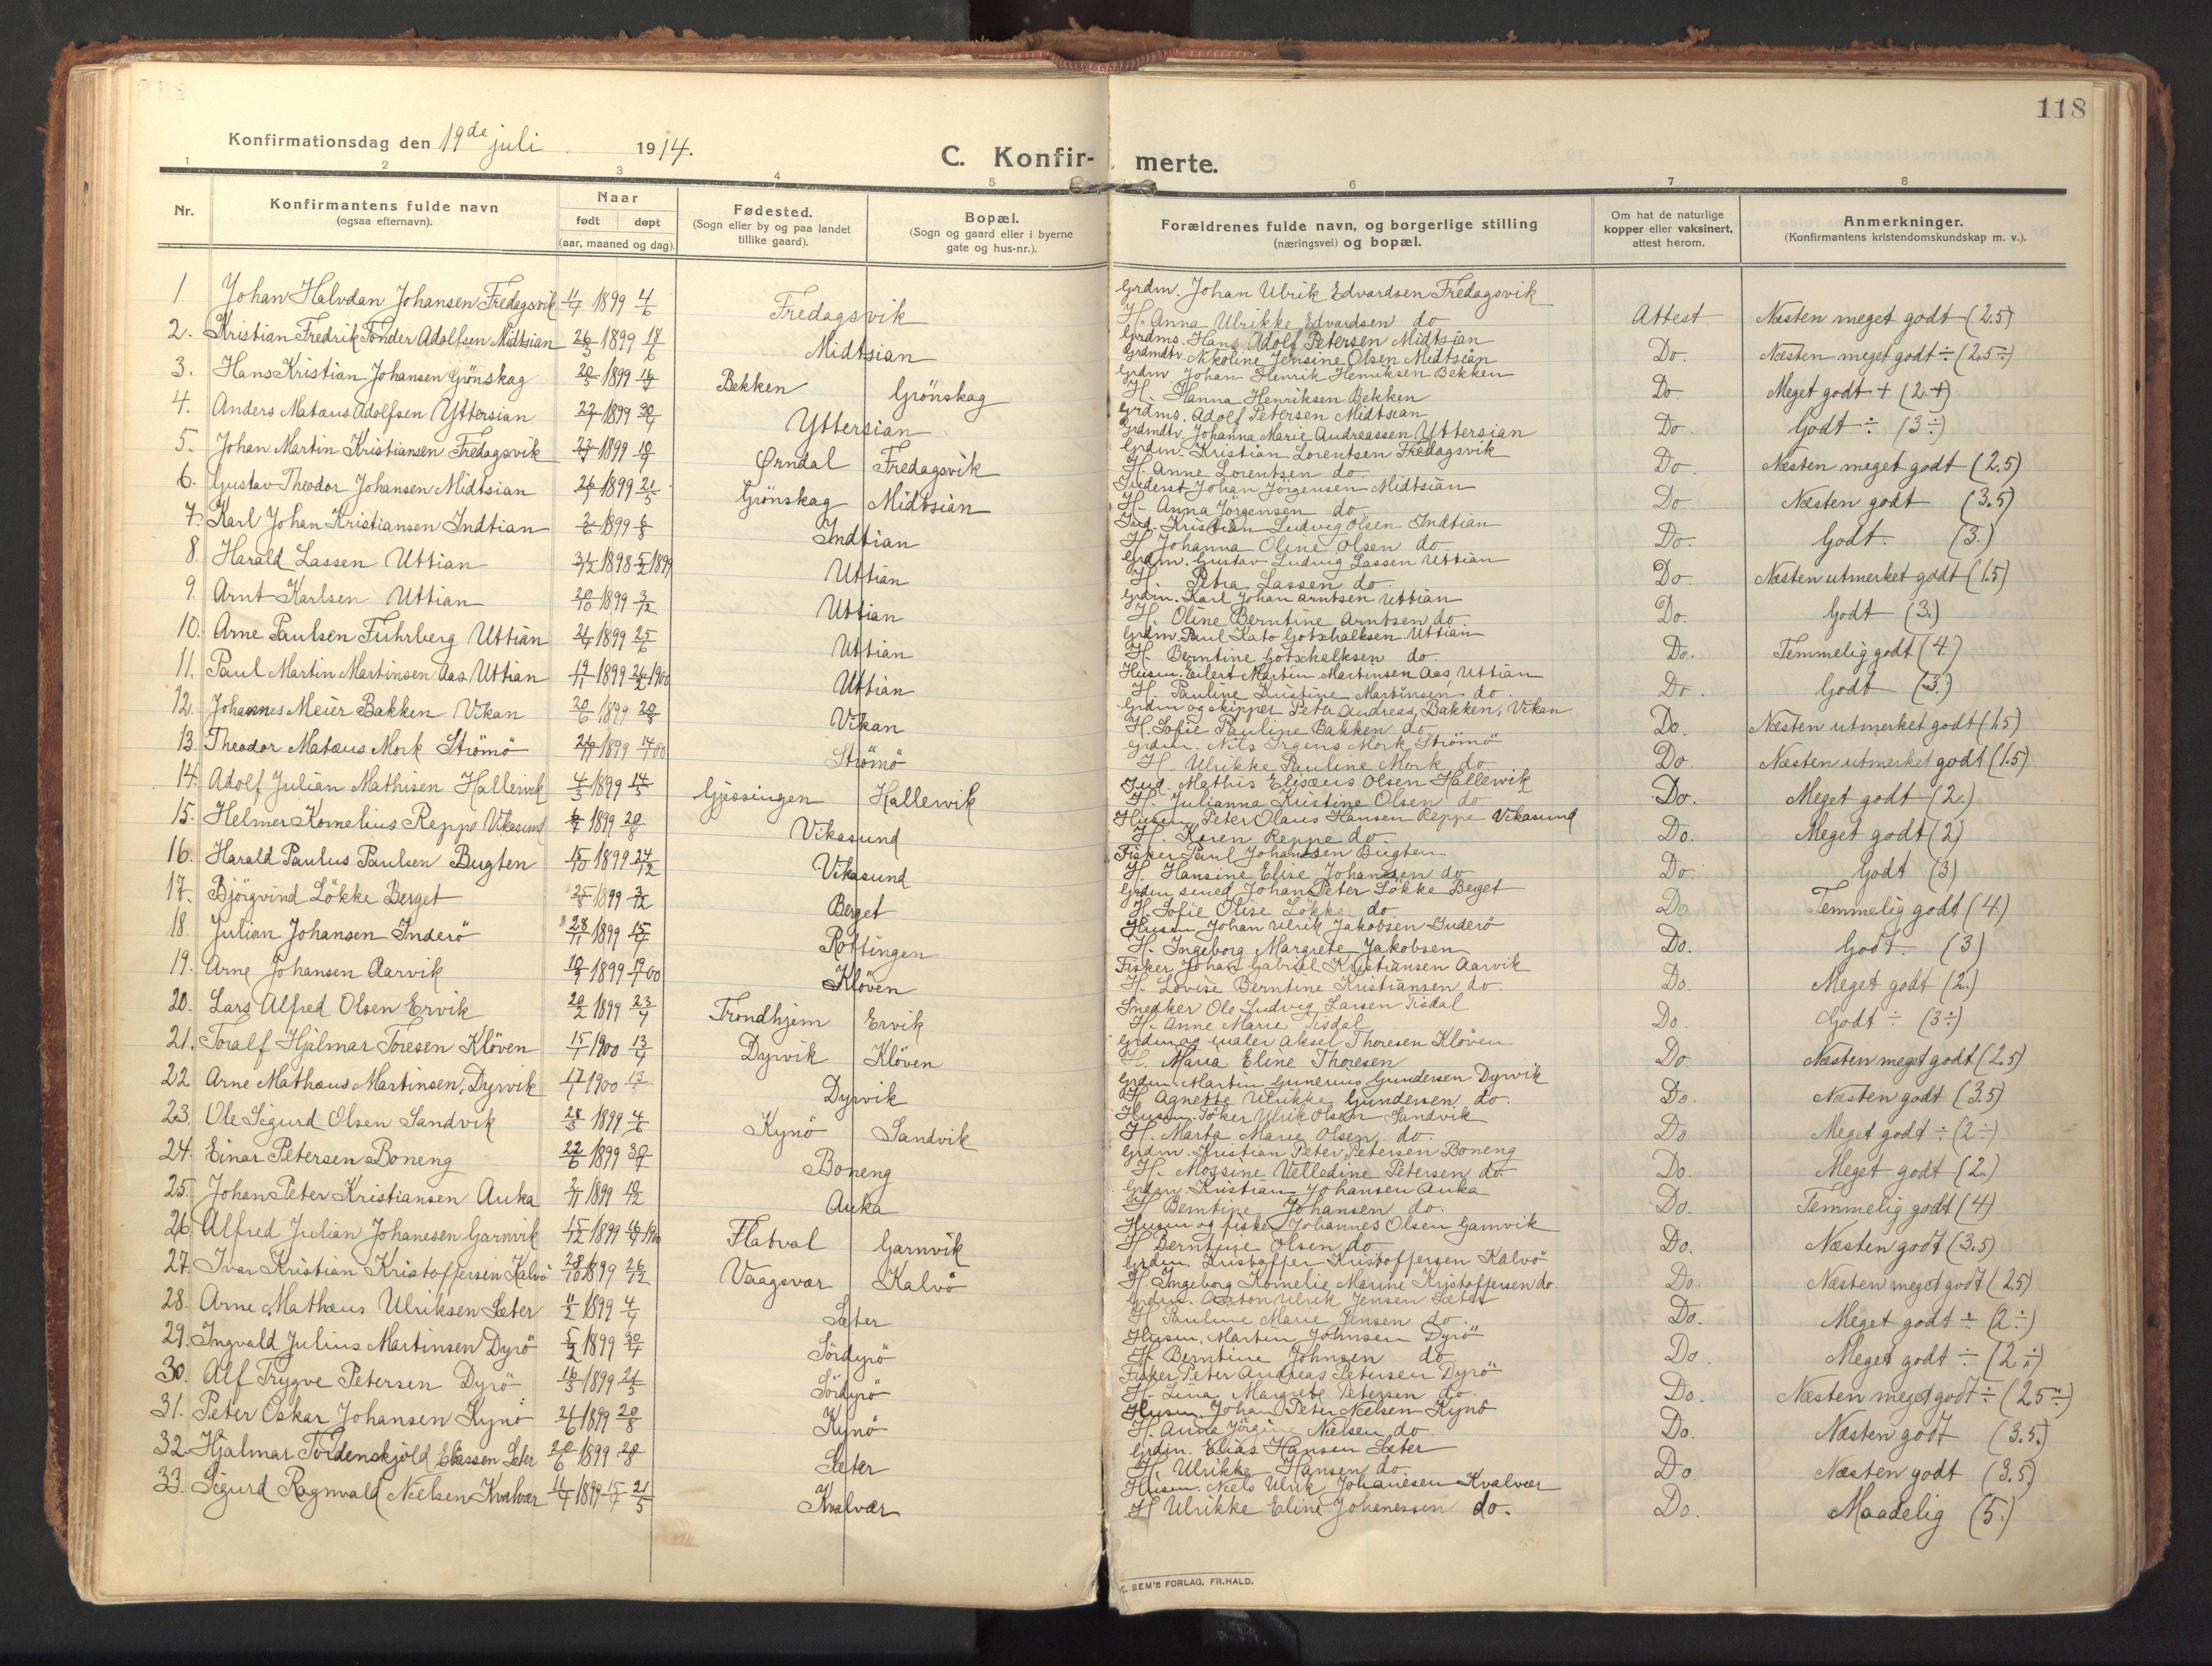 SAT, Ministerialprotokoller, klokkerbøker og fødselsregistre - Sør-Trøndelag, 640/L0581: Ministerialbok nr. 640A06, 1910-1924, s. 118